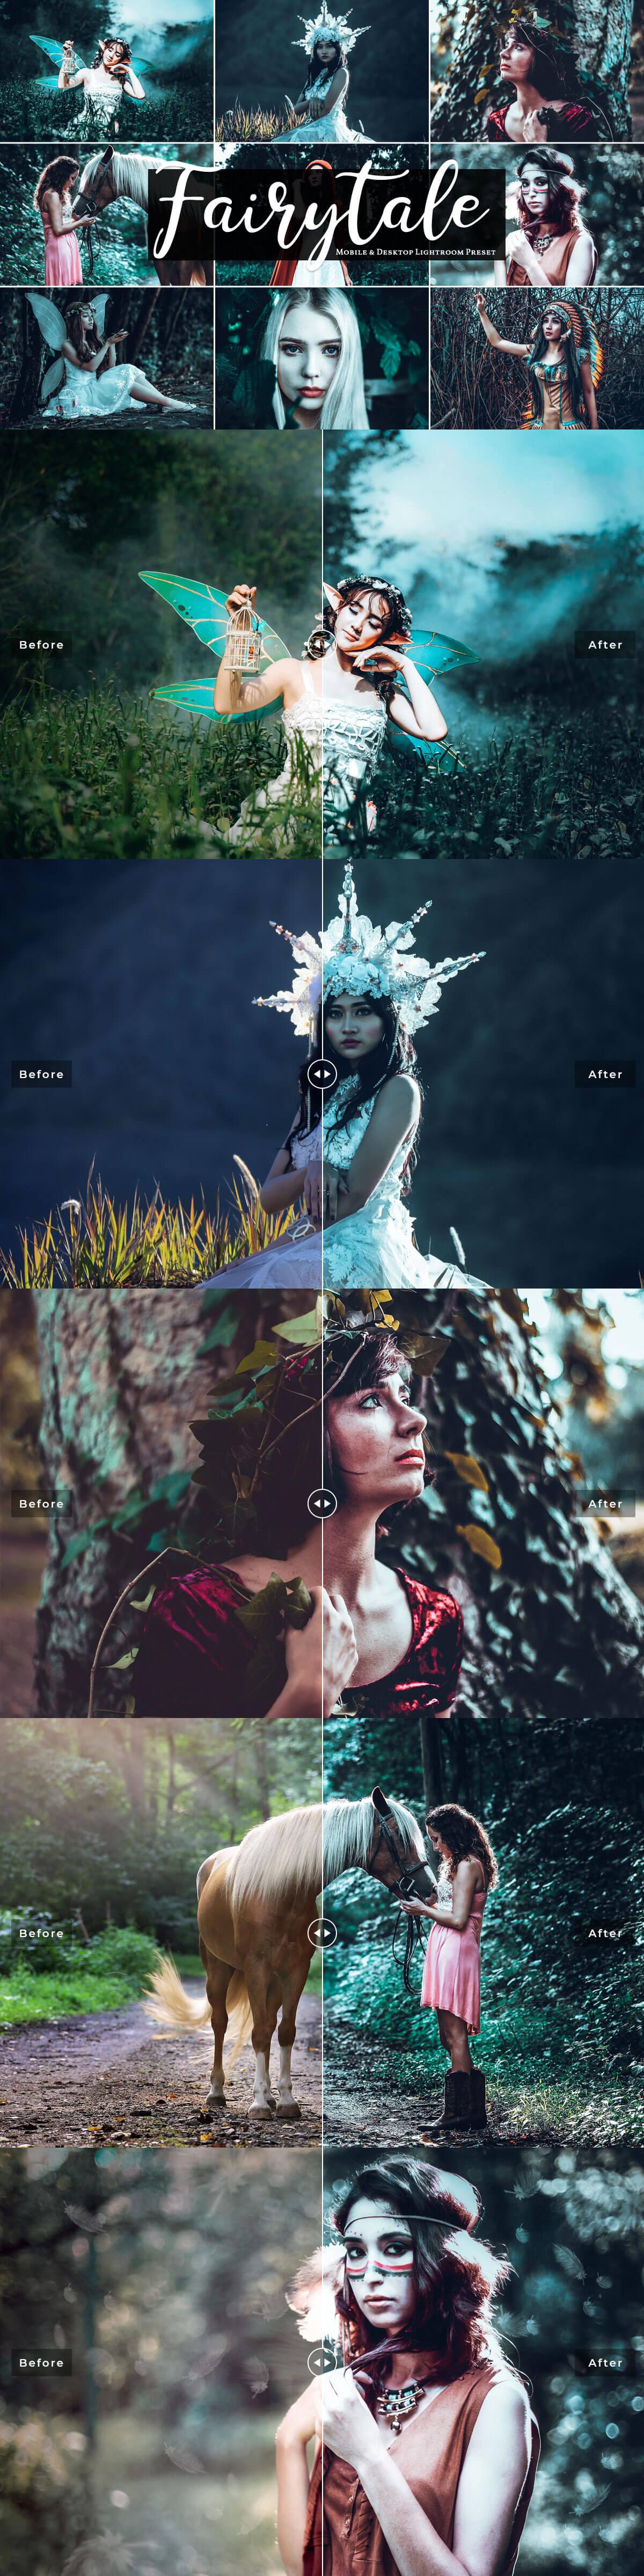 Free Fairytale Mobile & Desktop Lightroom Presets Cover